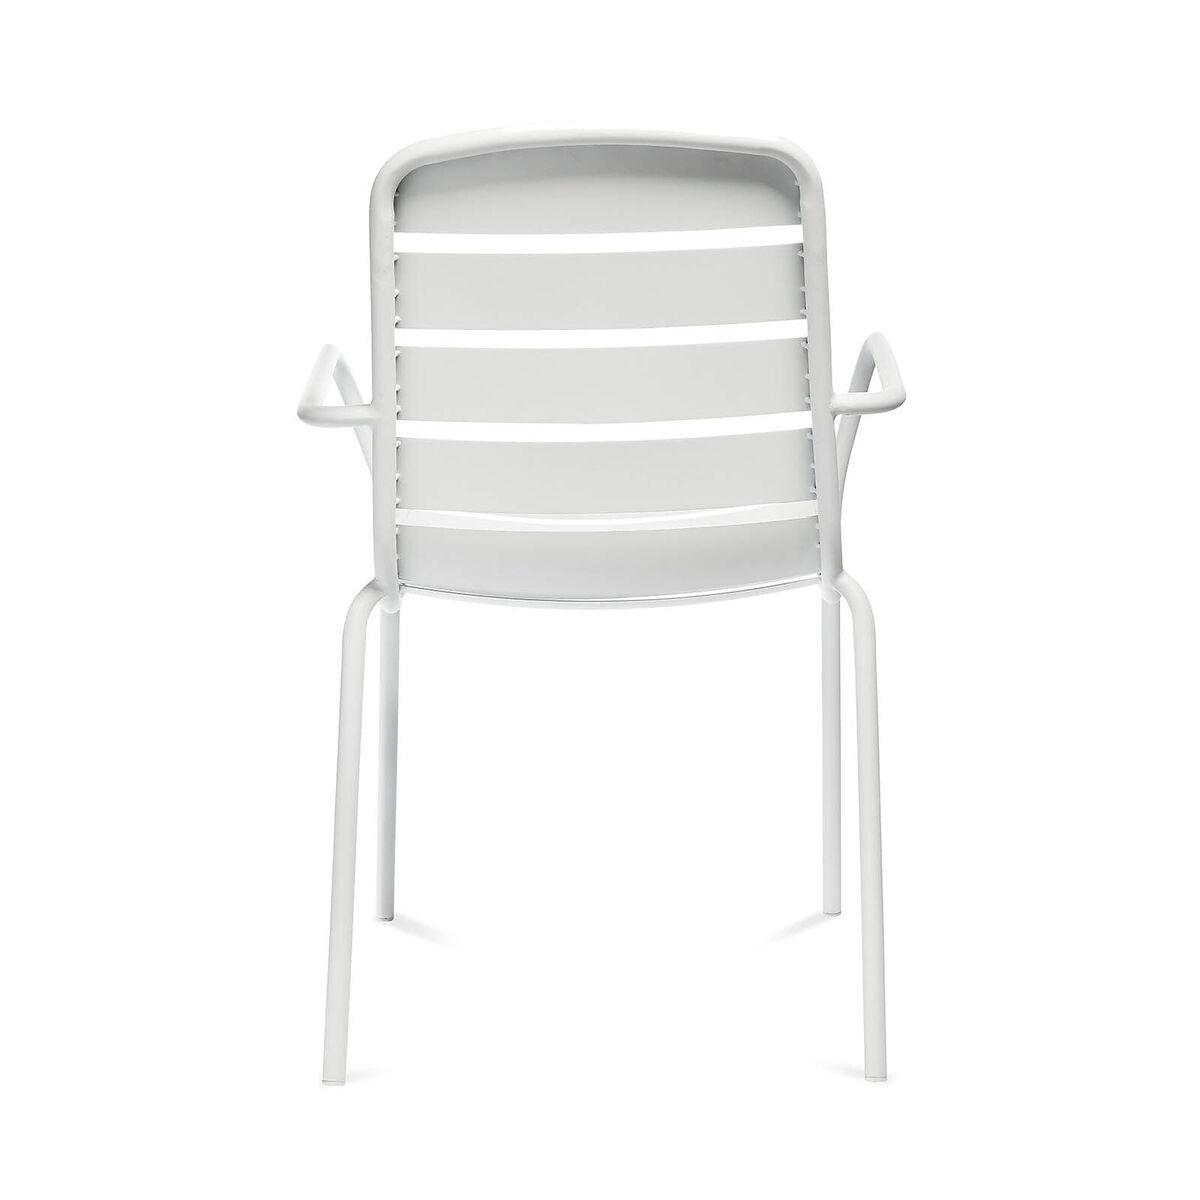 Bild 4 von Gartenstuhl mit Armlehnen, Aluminium, 56x63,5x84cm, weiß